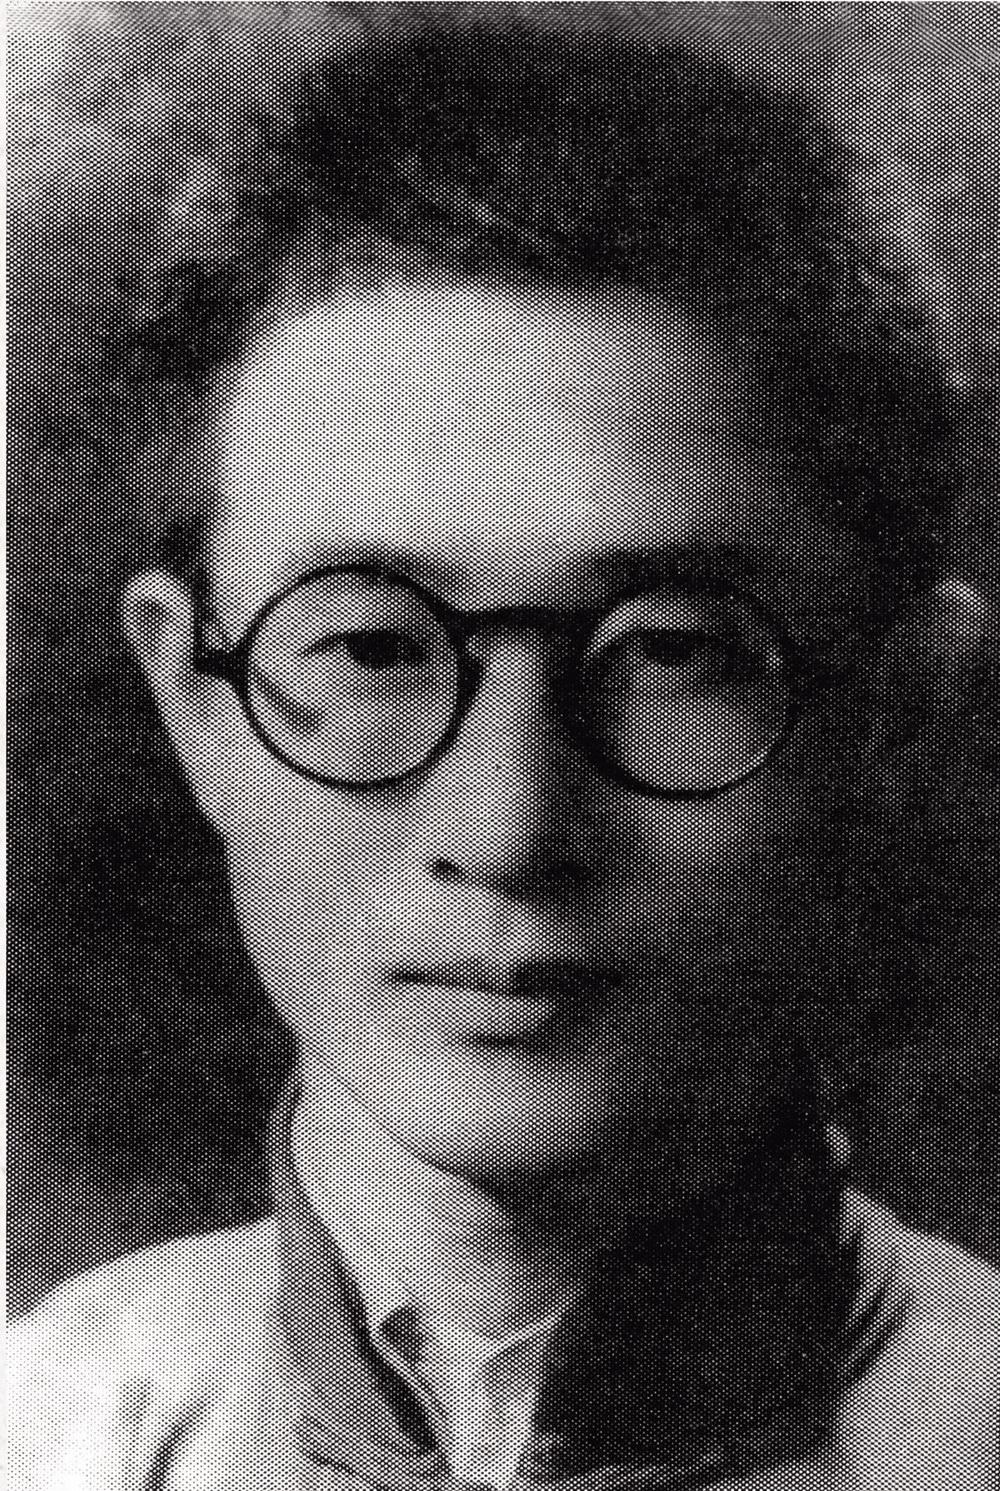 九一八事变徐州各界抗日实验_抗战在安吉活动初中老师徐州图片